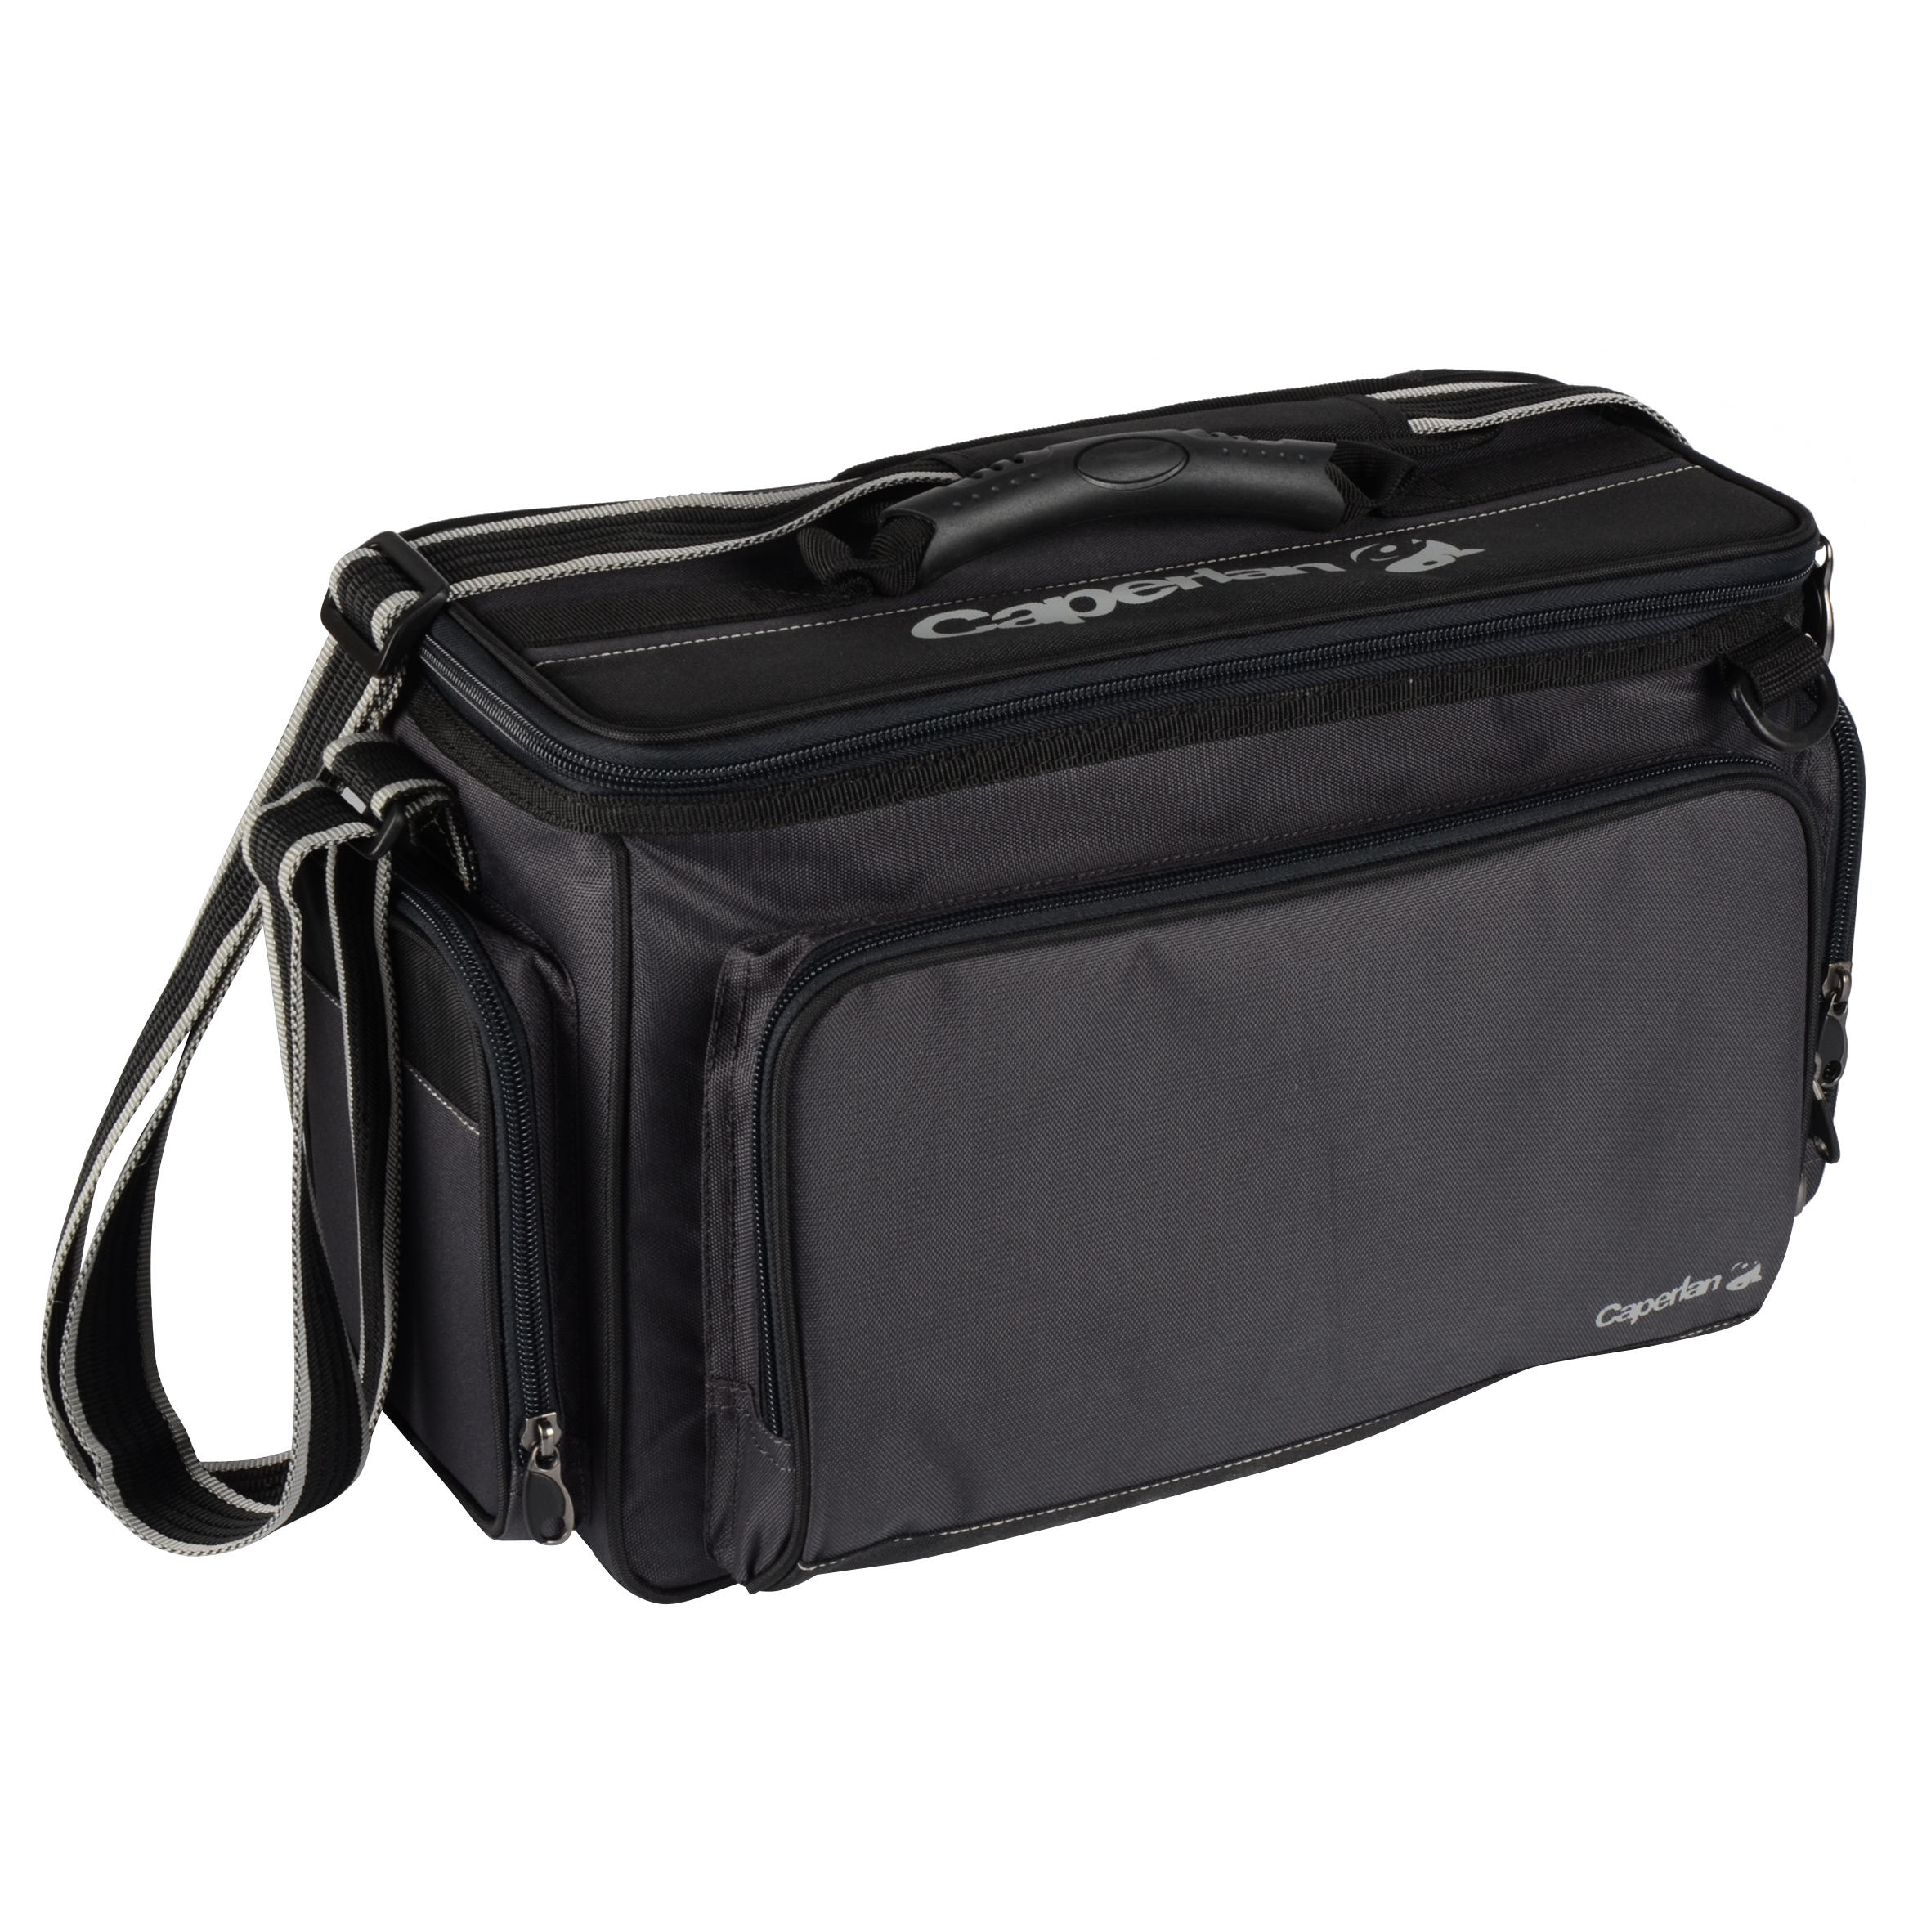 CARRYEL Fishing bag...